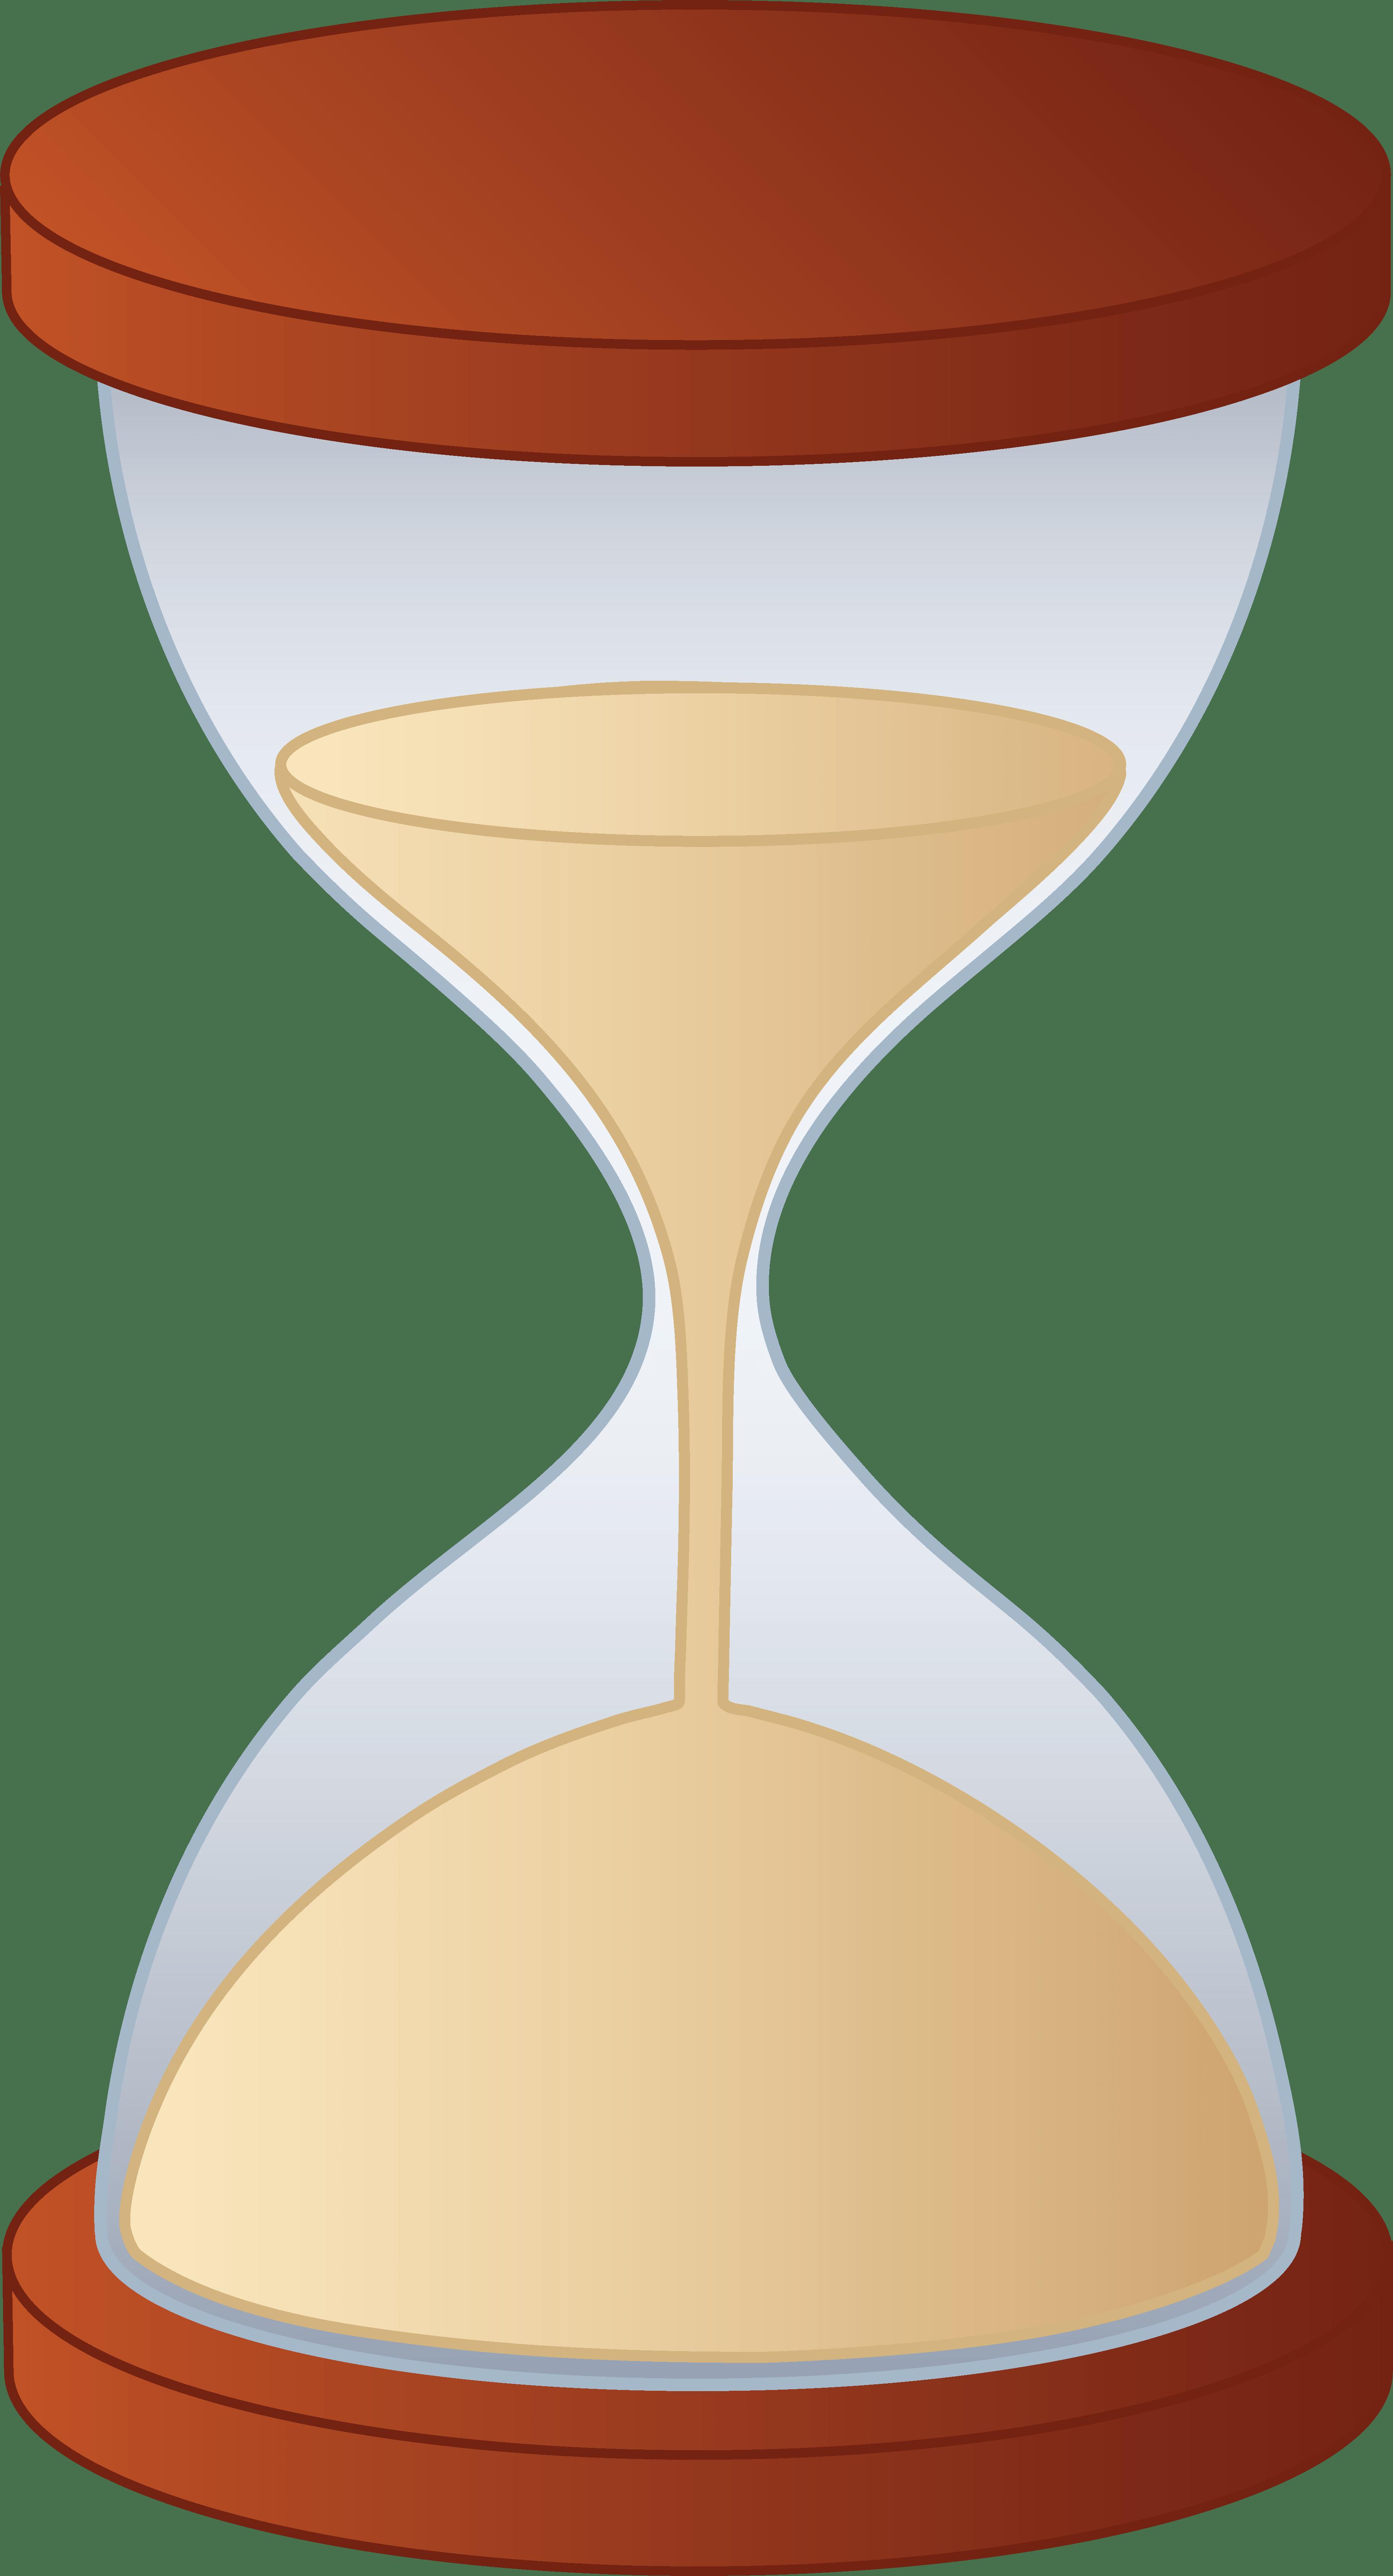 Sand clock clipart 4 » Clipart Portal.